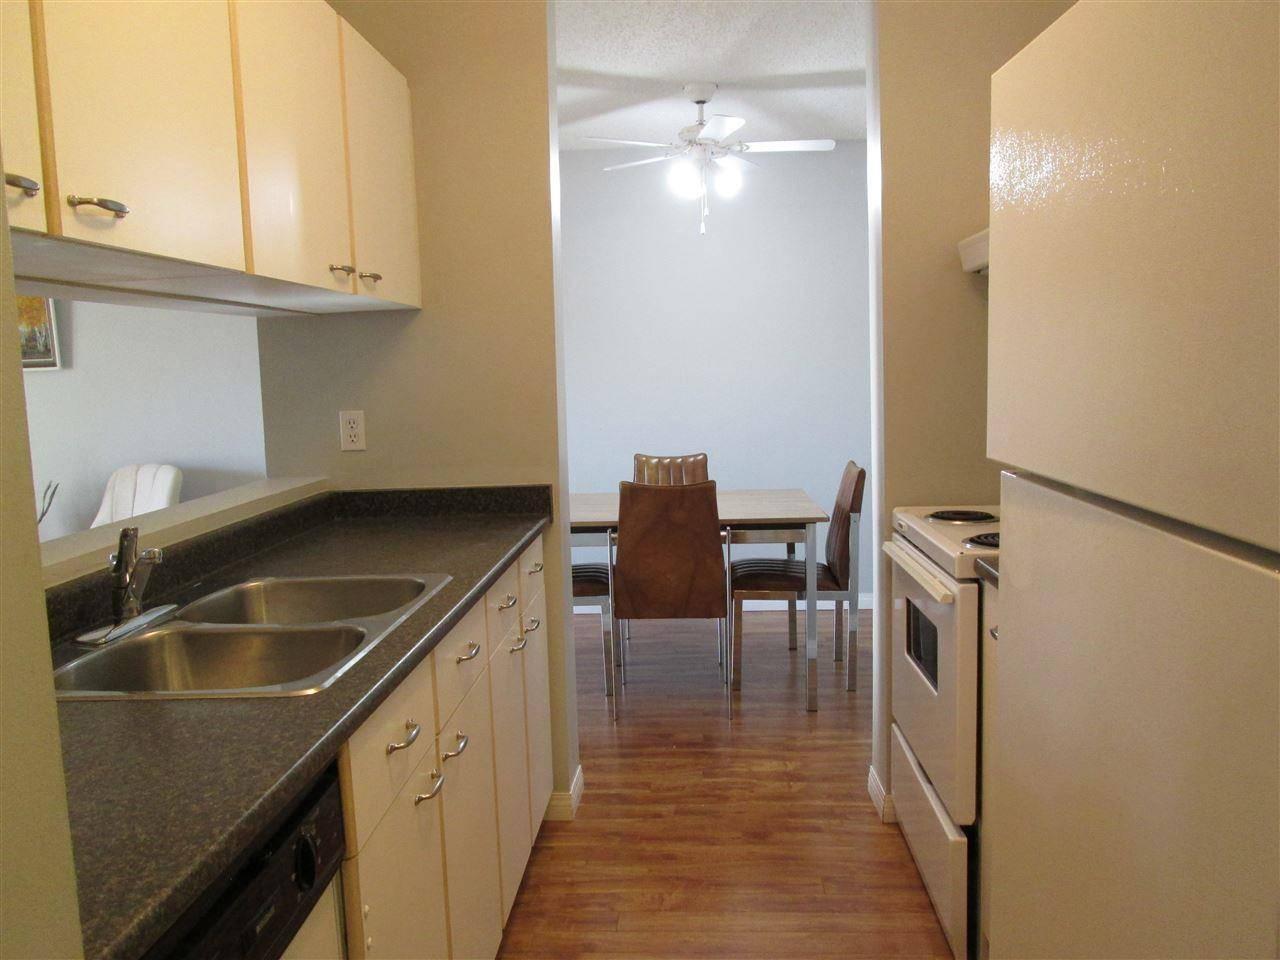 Condo for sale at 17109 67 Ave Nw Unit 112 Edmonton Alberta - MLS: E4180382